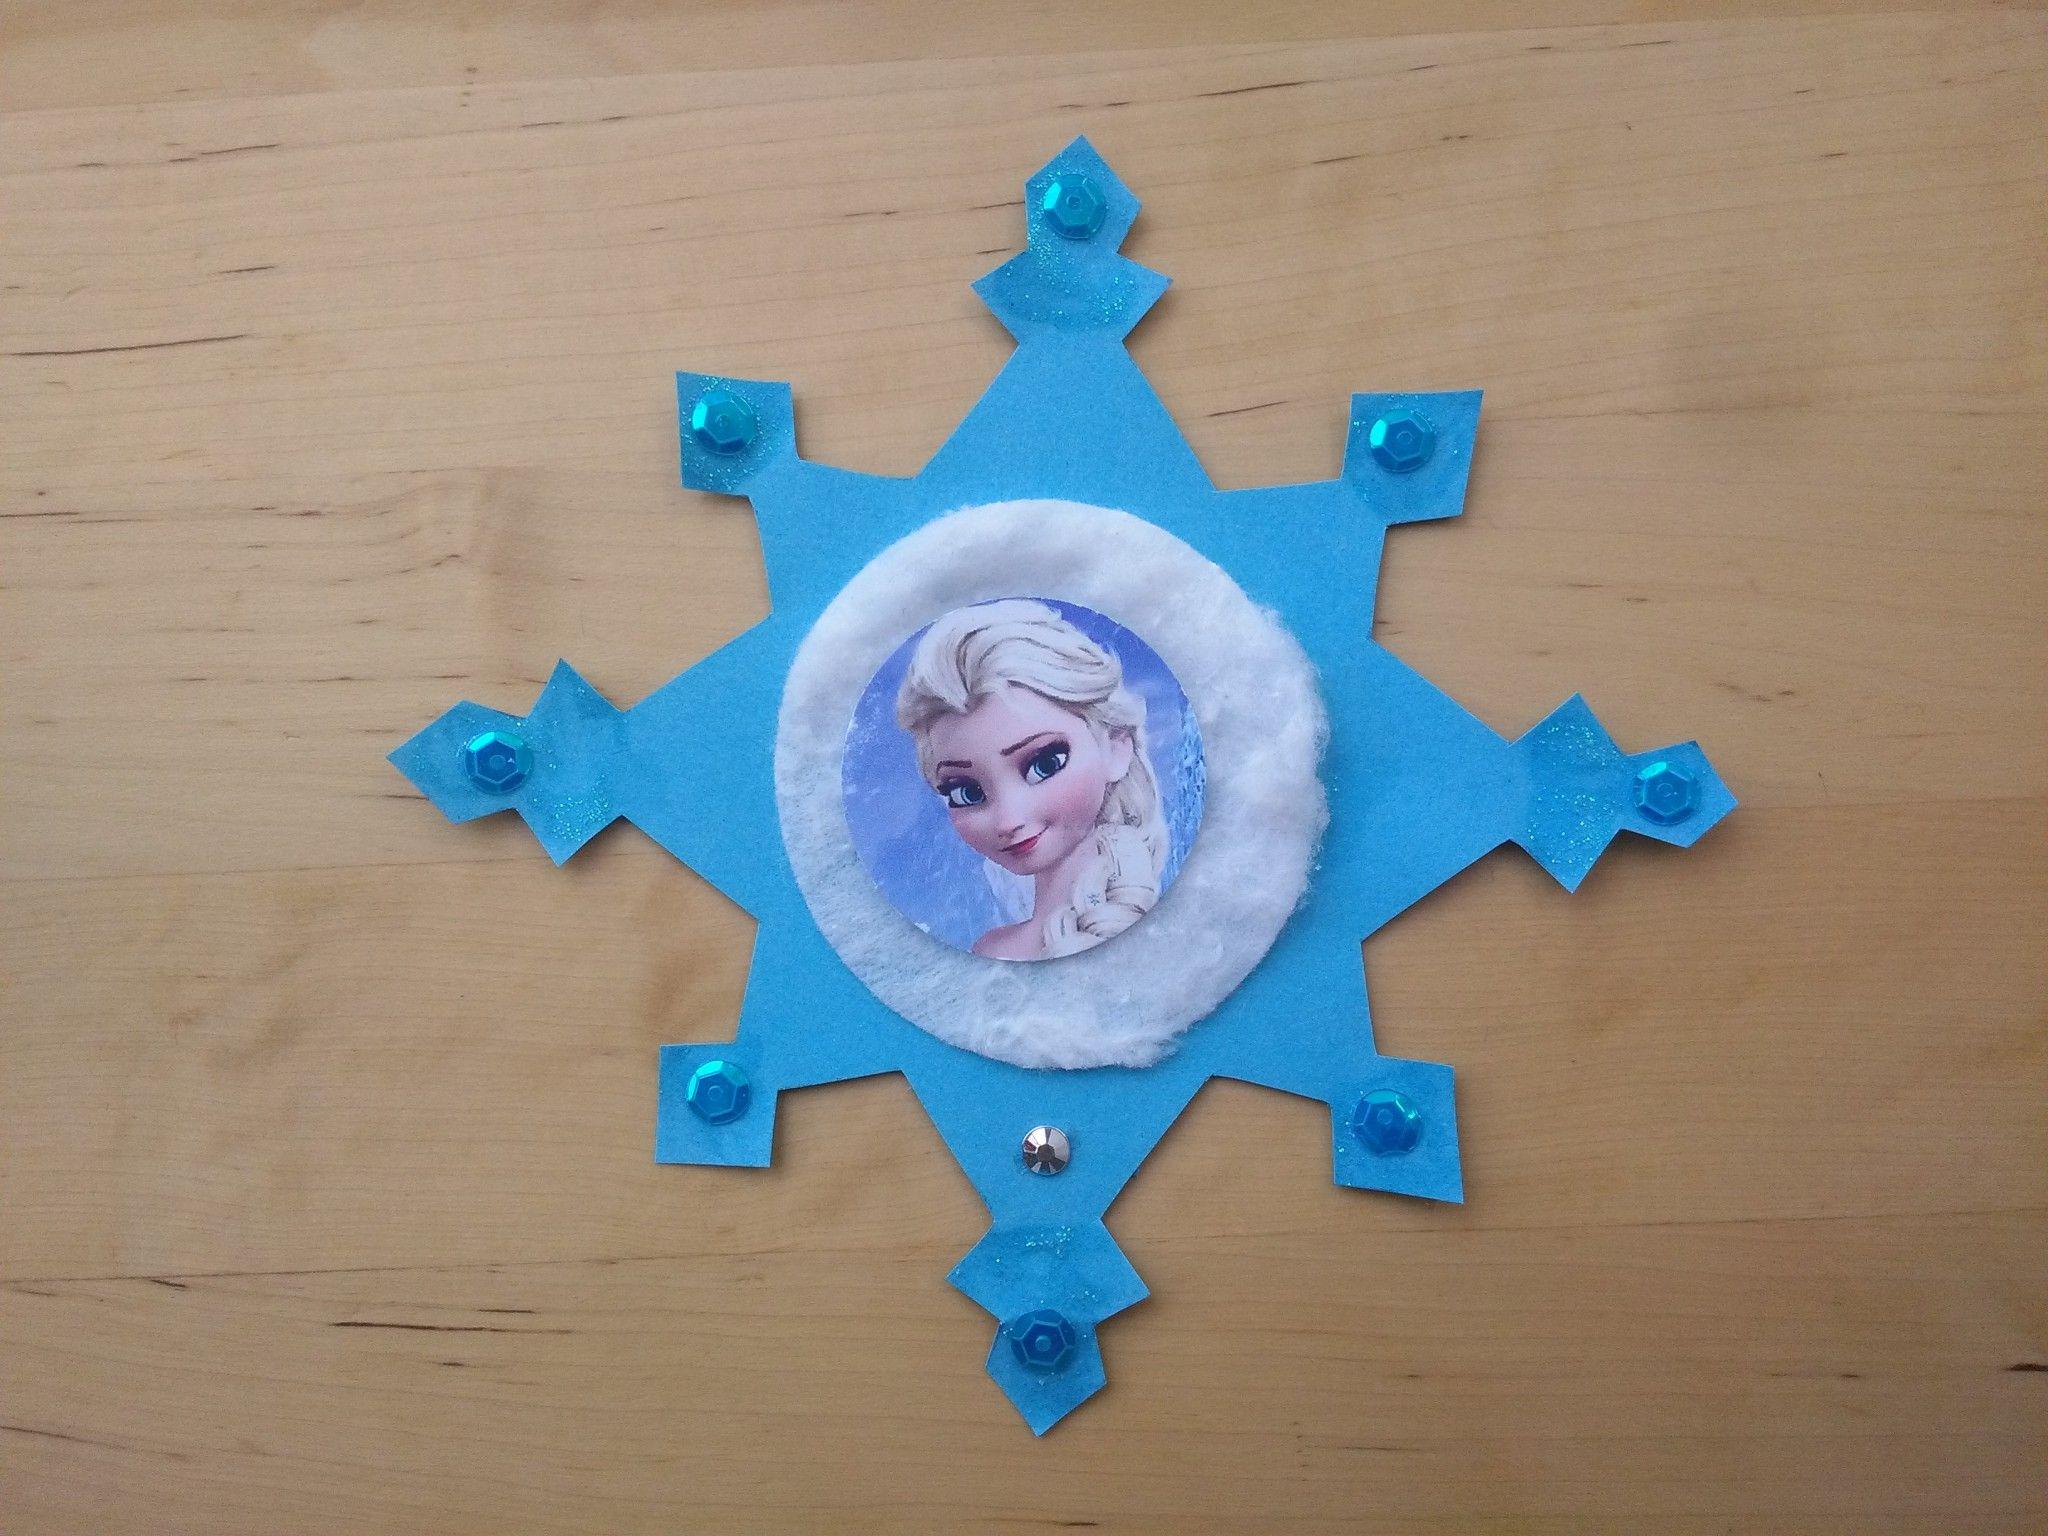 Ihr Sucht Nach Besonderen Einladungen Für Eure Eiskönigin Party? Mit Dieser  Anleitung Könnt Ihr Tolle Schneestern Einladung Ganz Leicht Selber Basteln!  Mehr